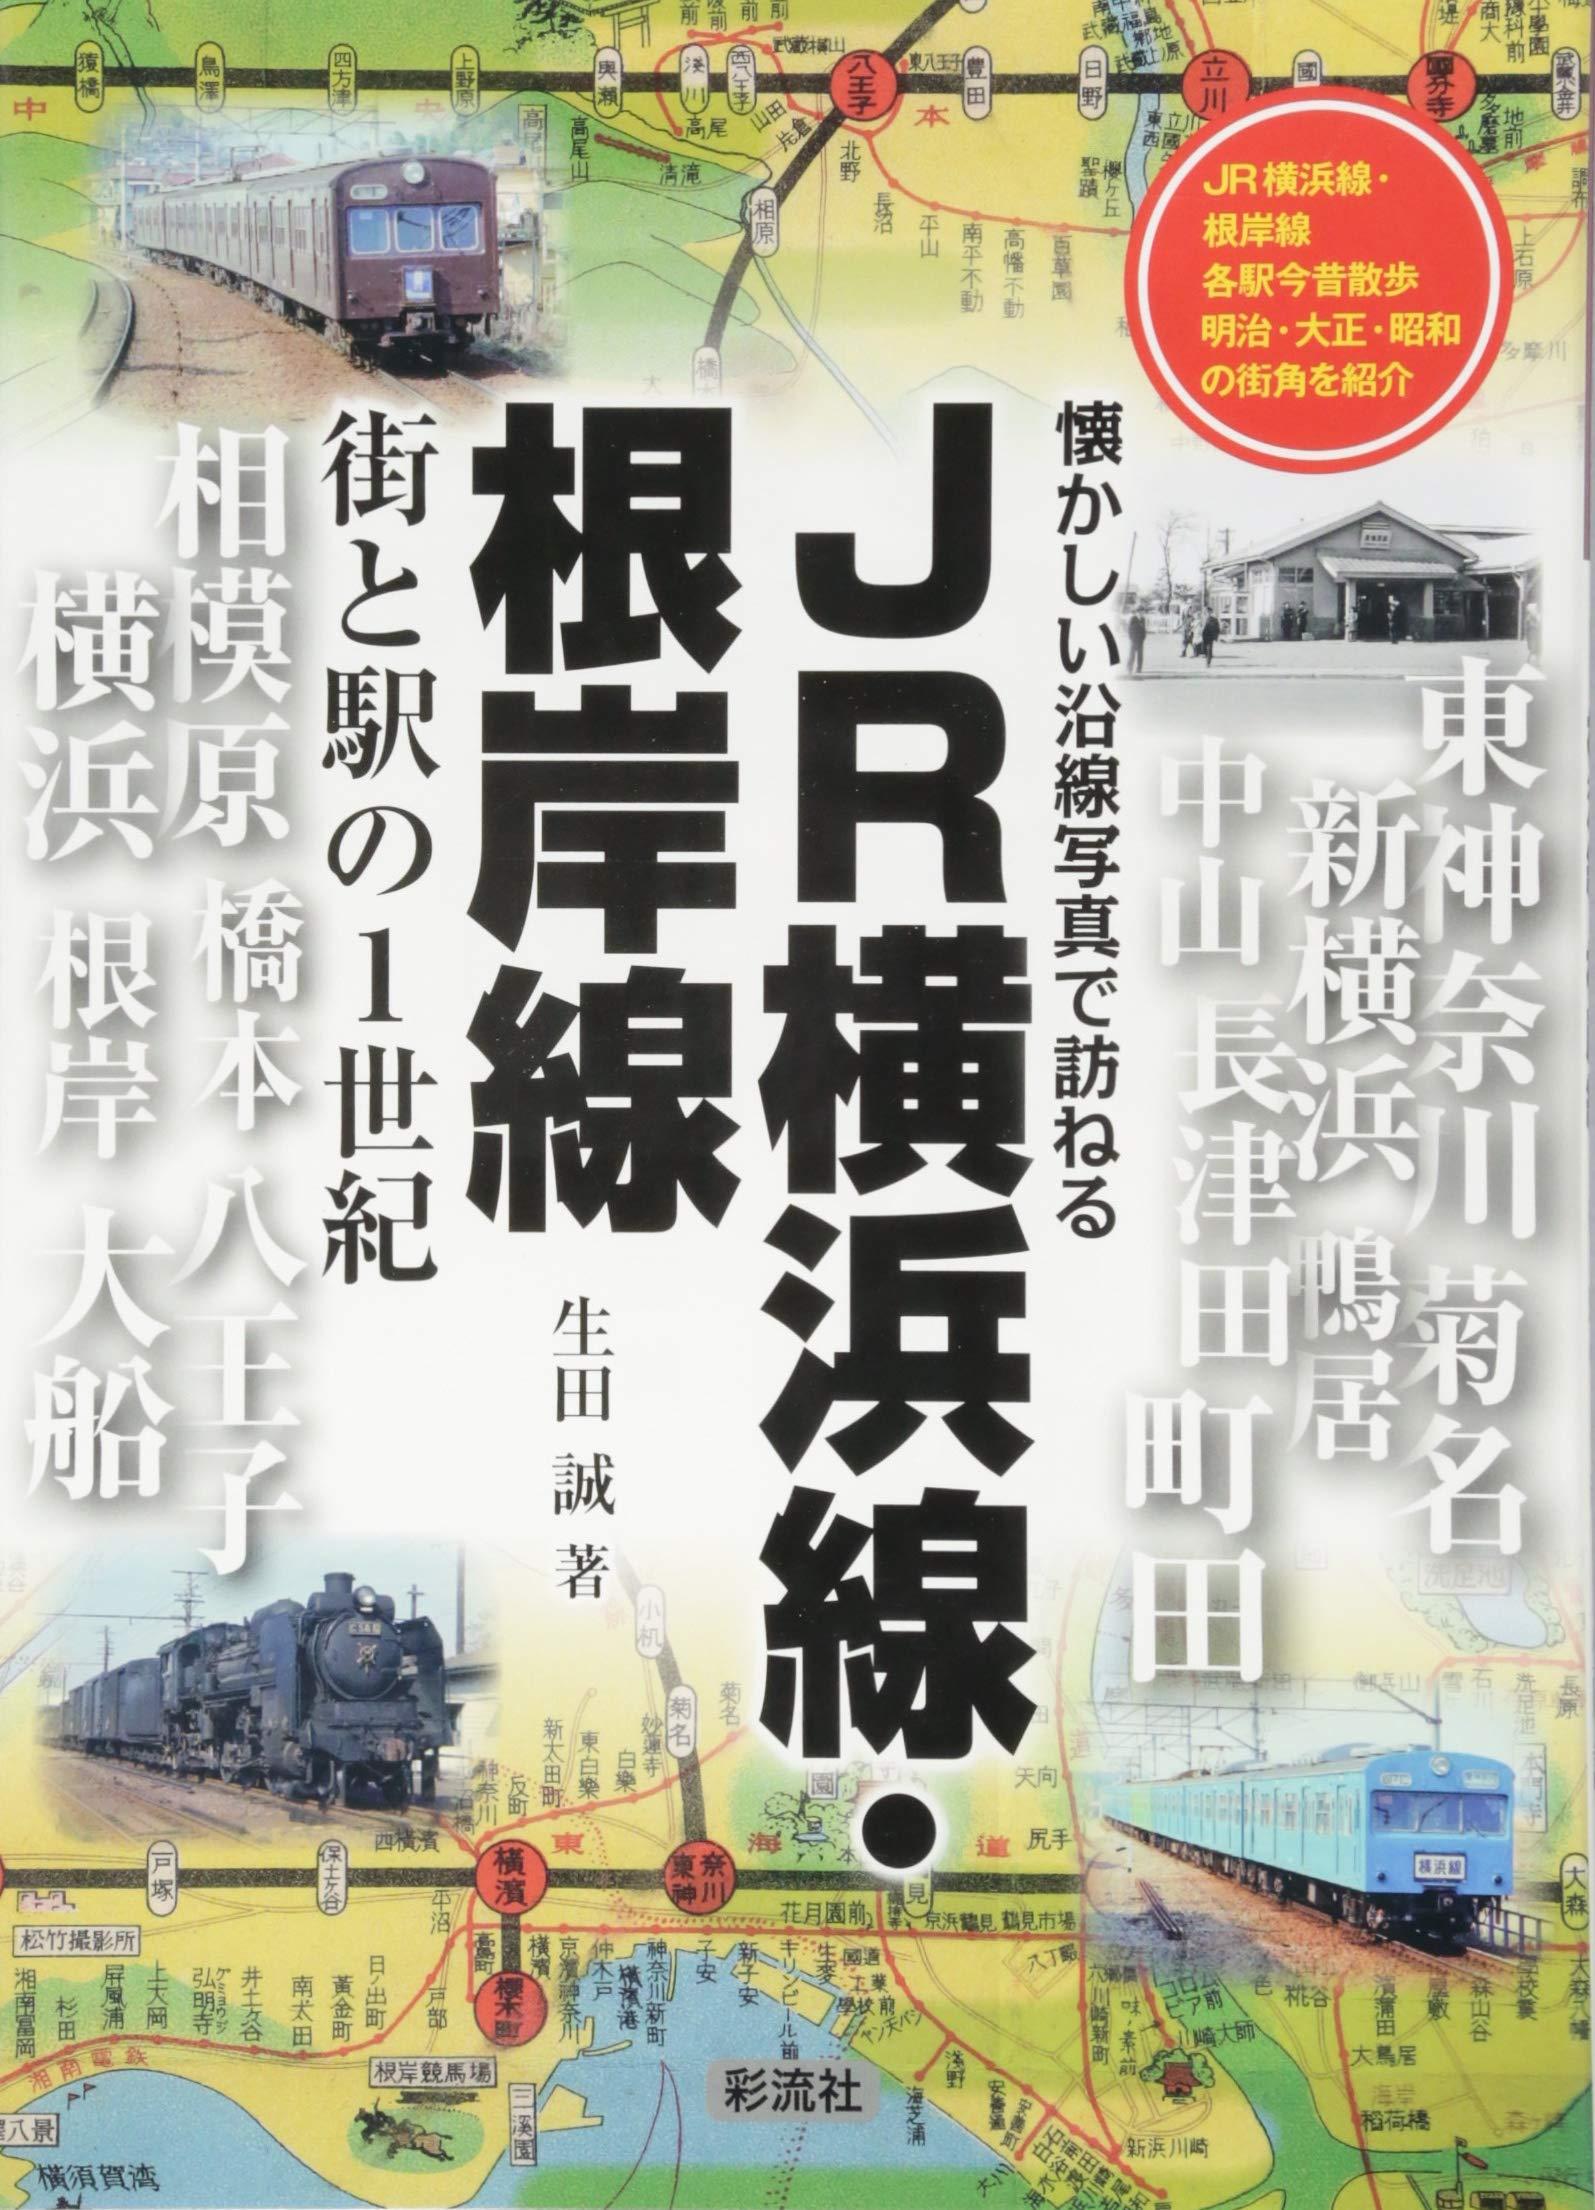 横浜 線 jr